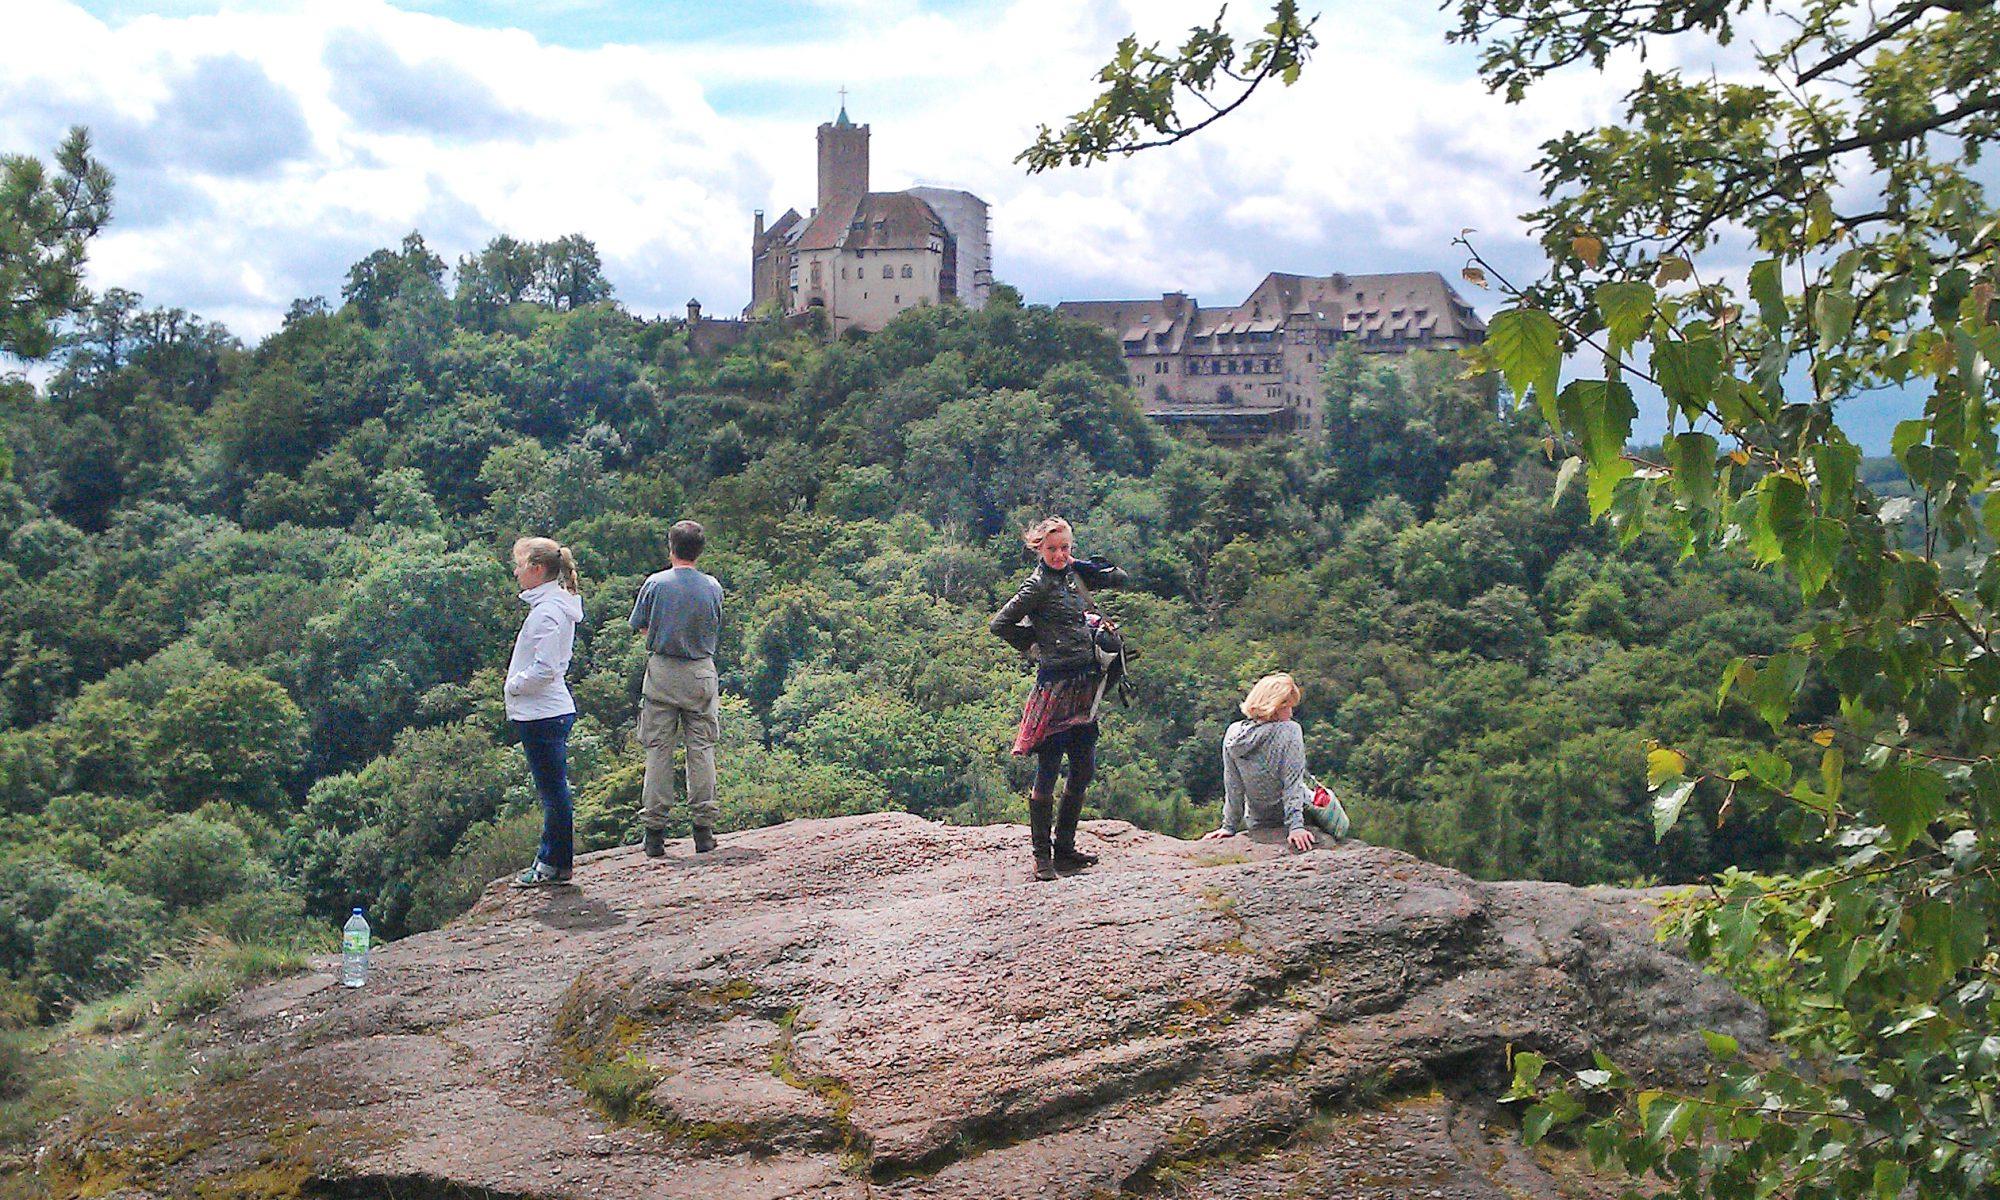 Alte Kultstätte - die Wartburg